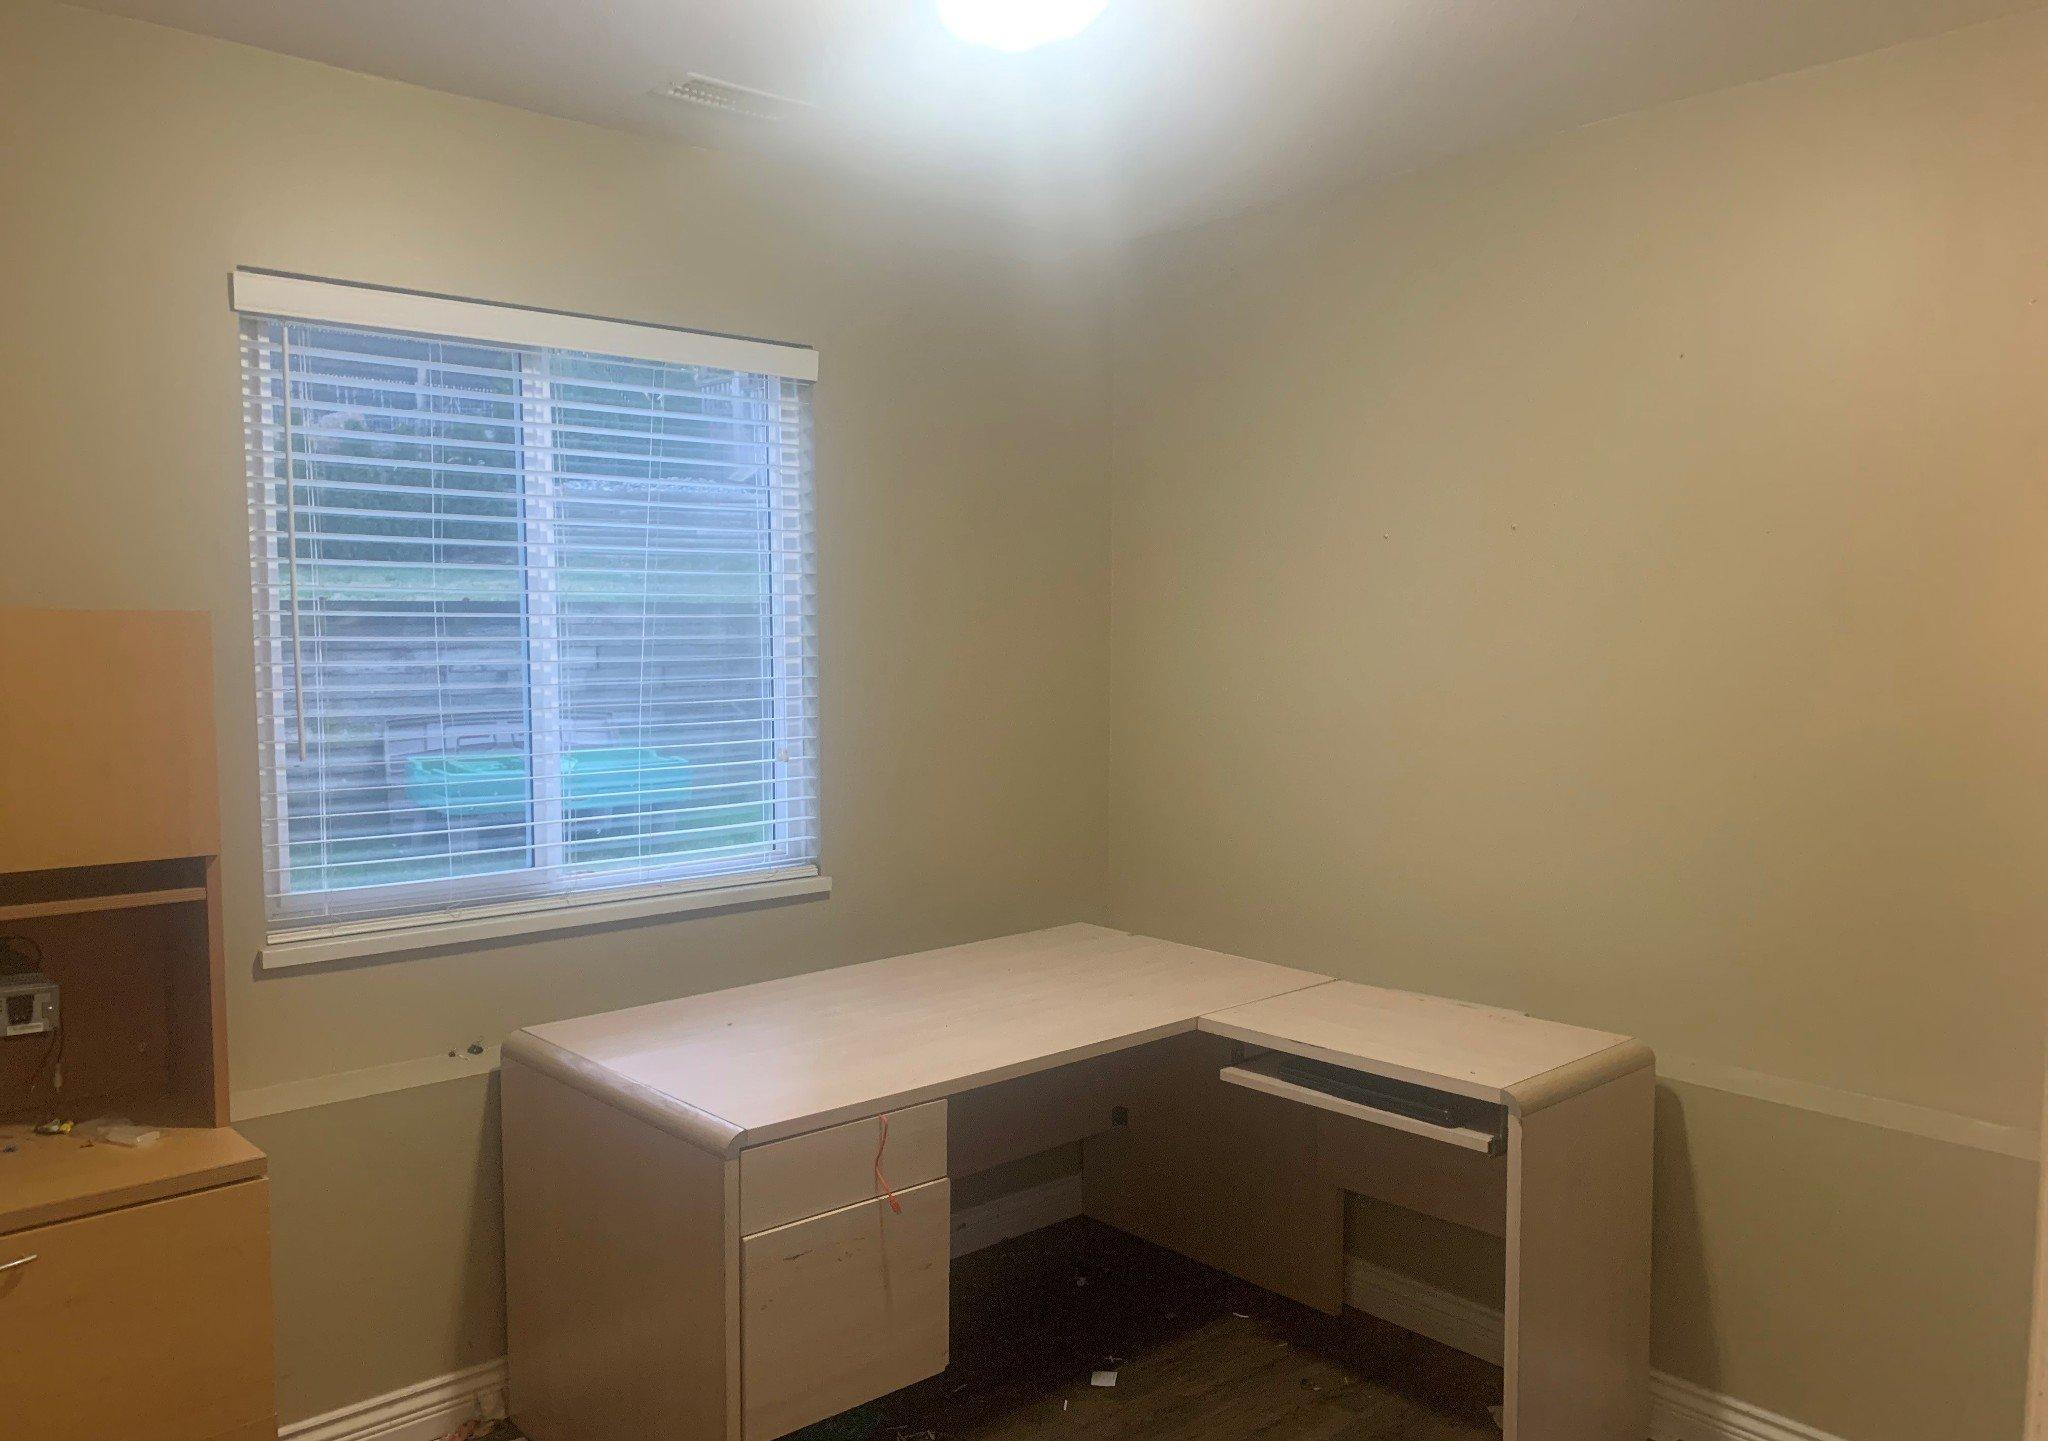 Photo 8: Photos: BSMT 1686 McKenzie Rd. in Abbotsford: Poplar Condo for rent